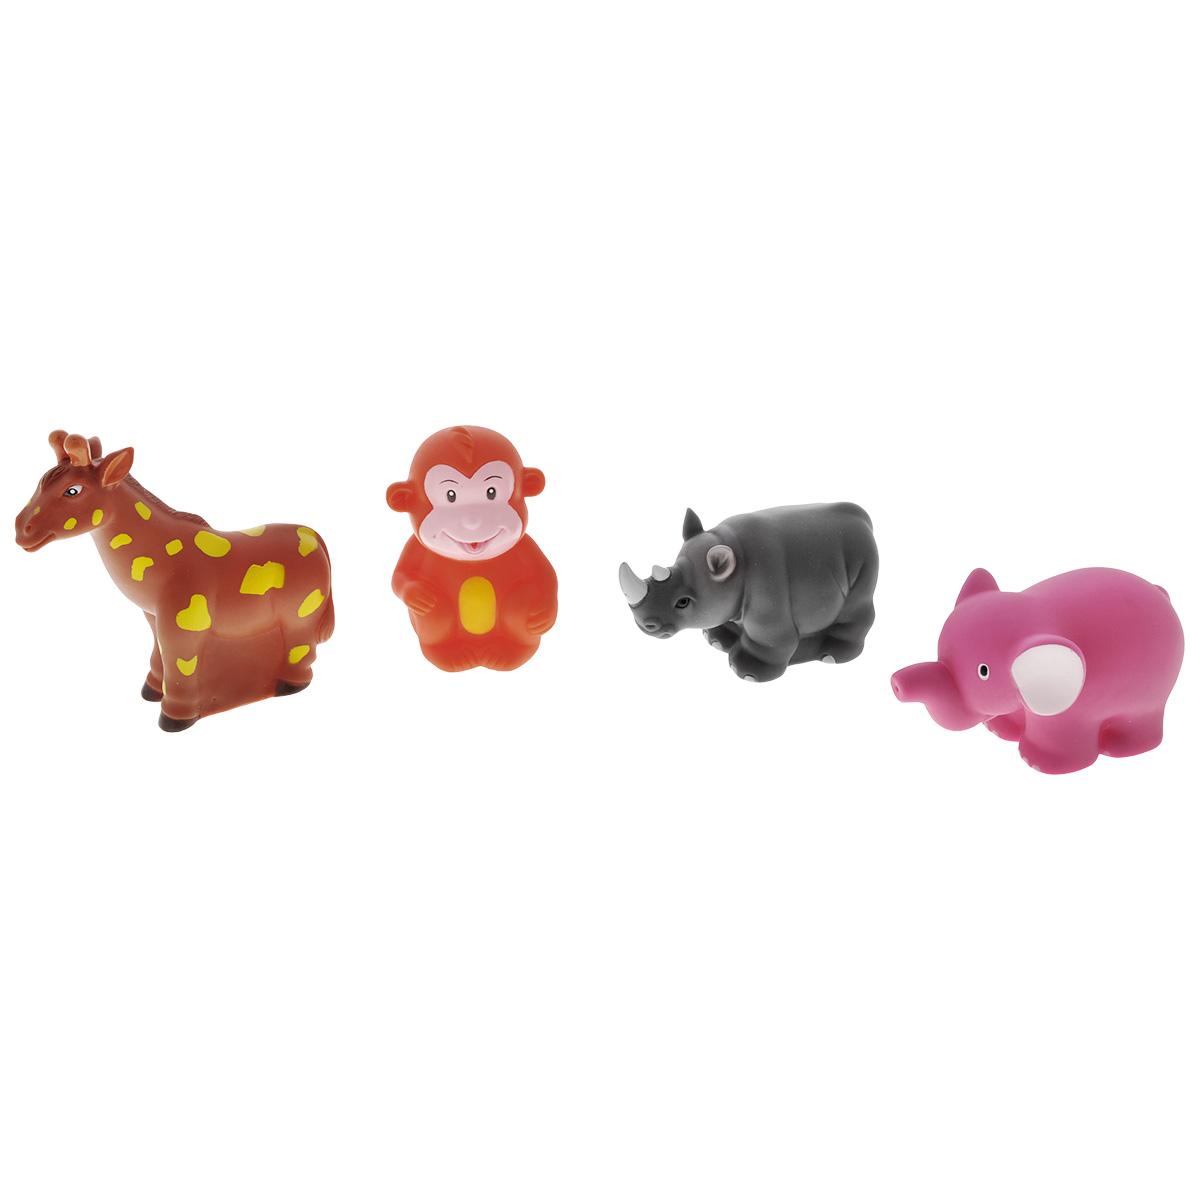 Игровой набор для ванны Mioshi Солнечная Африка, 4 шт игрушки для ванны tolo toys набор ведерок квадратные